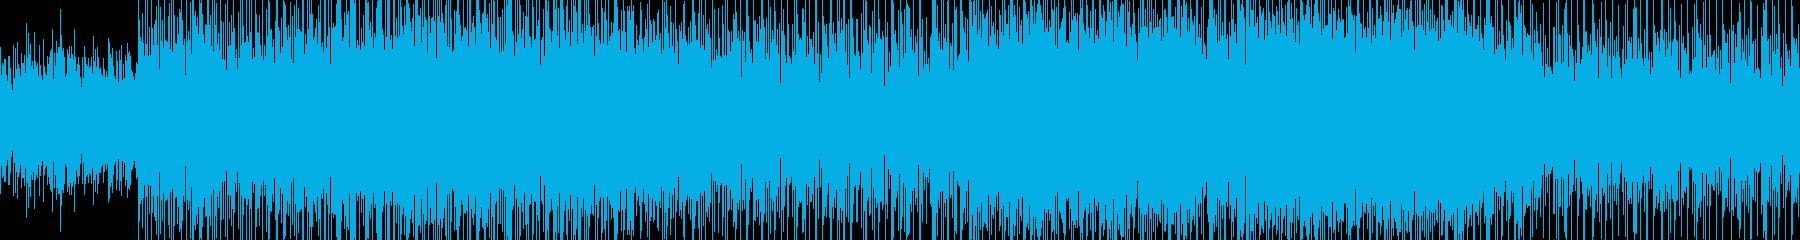 ブレイクビーツ 実験的な フューチ...の再生済みの波形